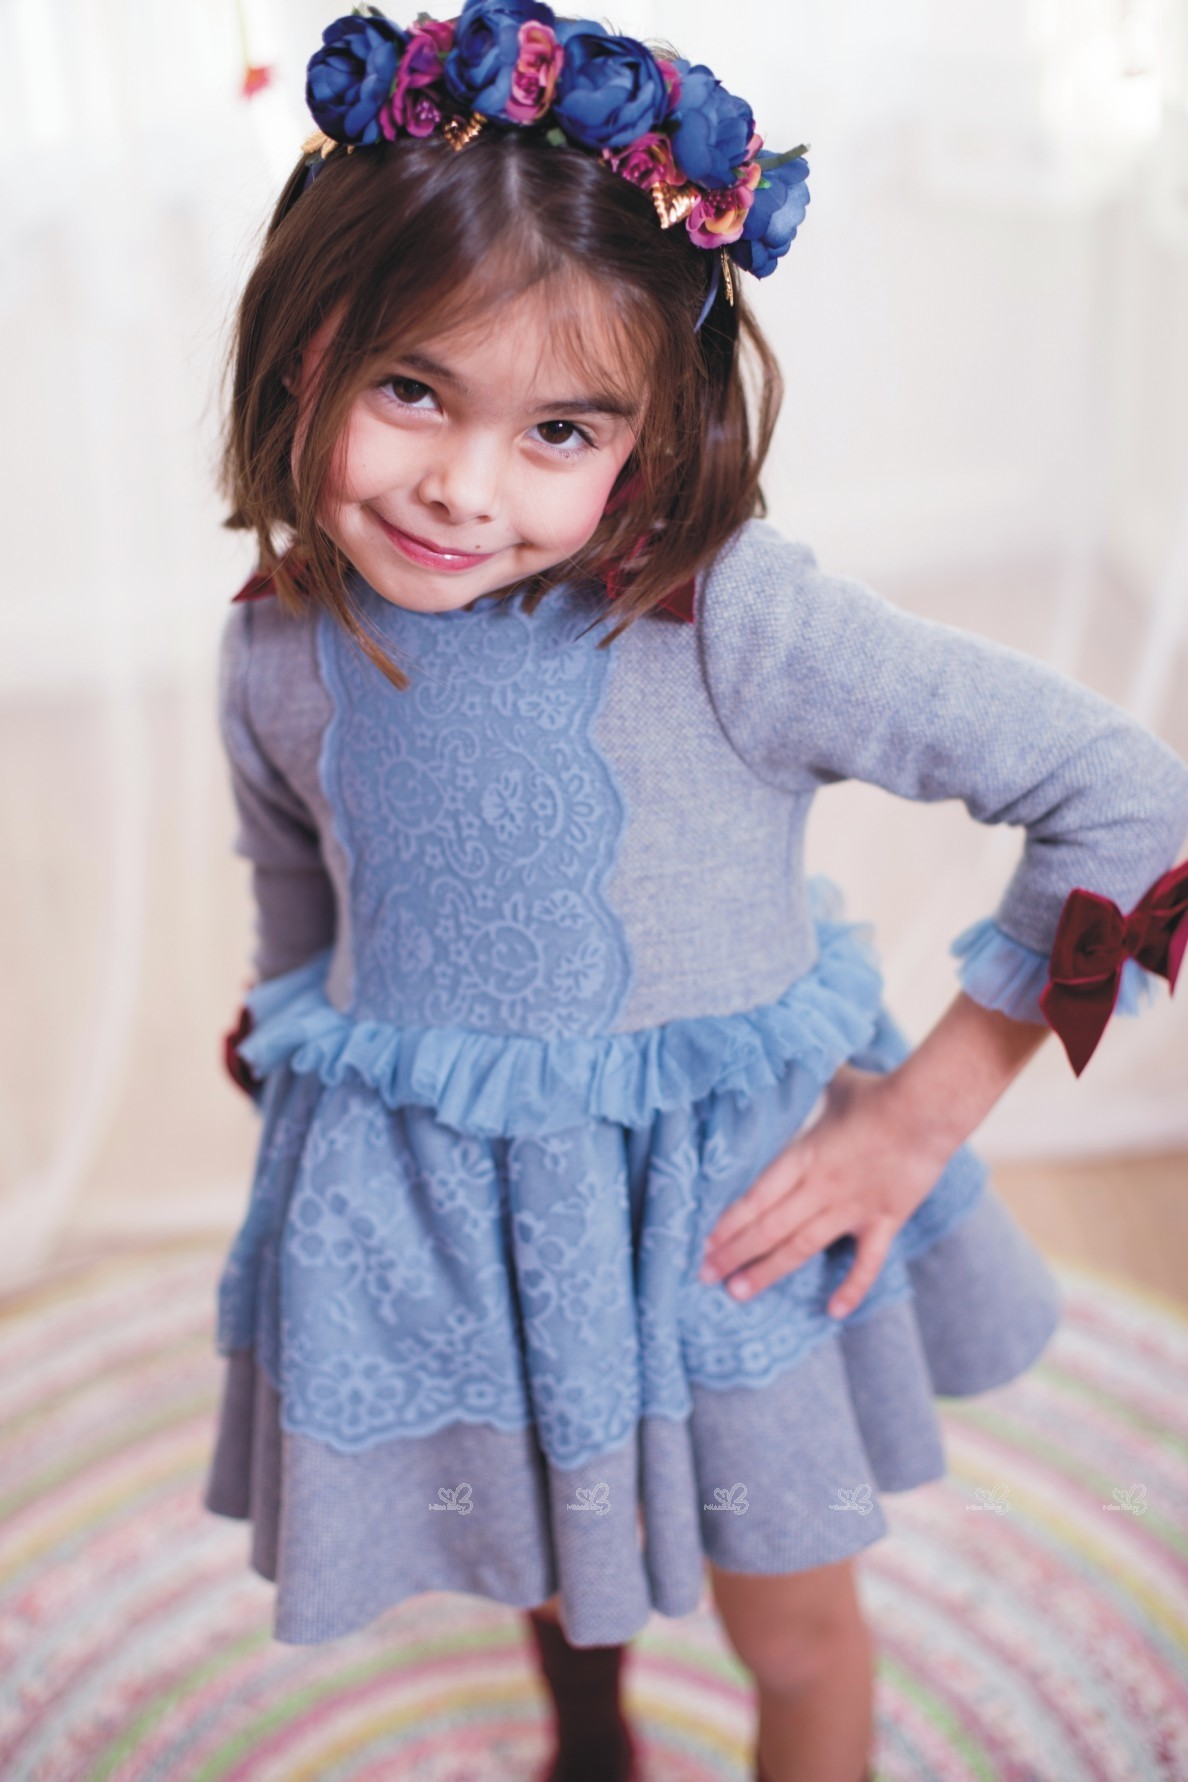 6c2e587d80 ... Nini Moda Infantil Vestido Niña Paño Gris   Puntilla Celeste ...